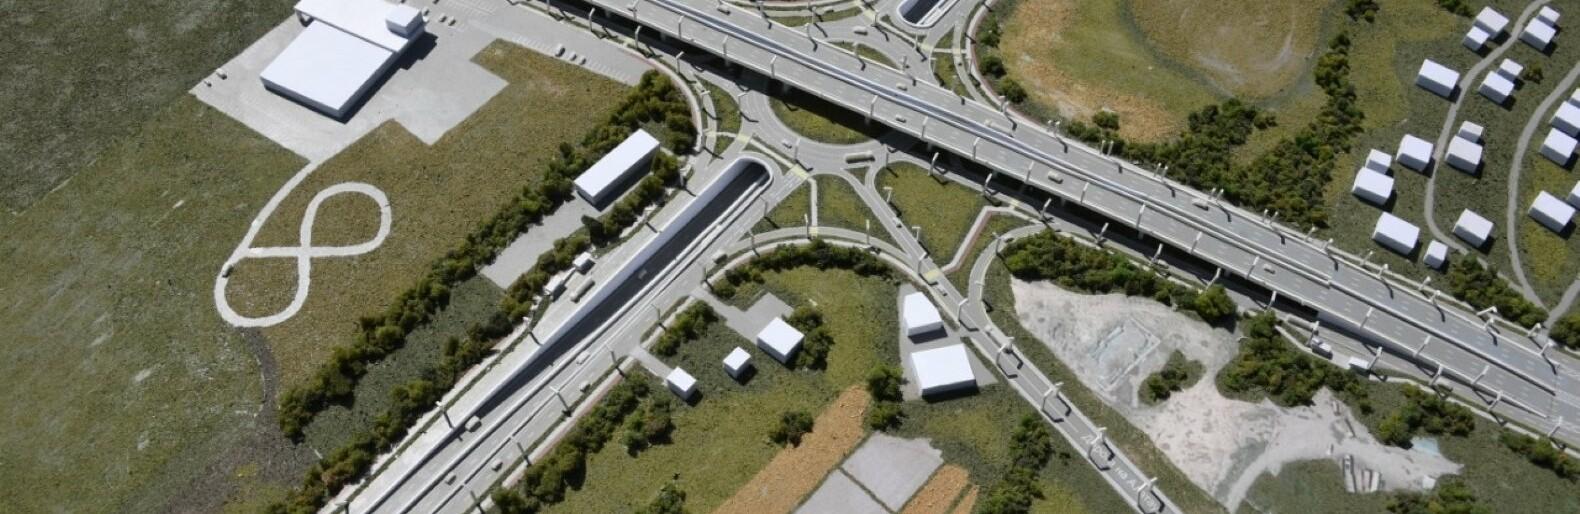 Запускать движение на развязке на аэропортовском кольце в Алматы будут поэтапно